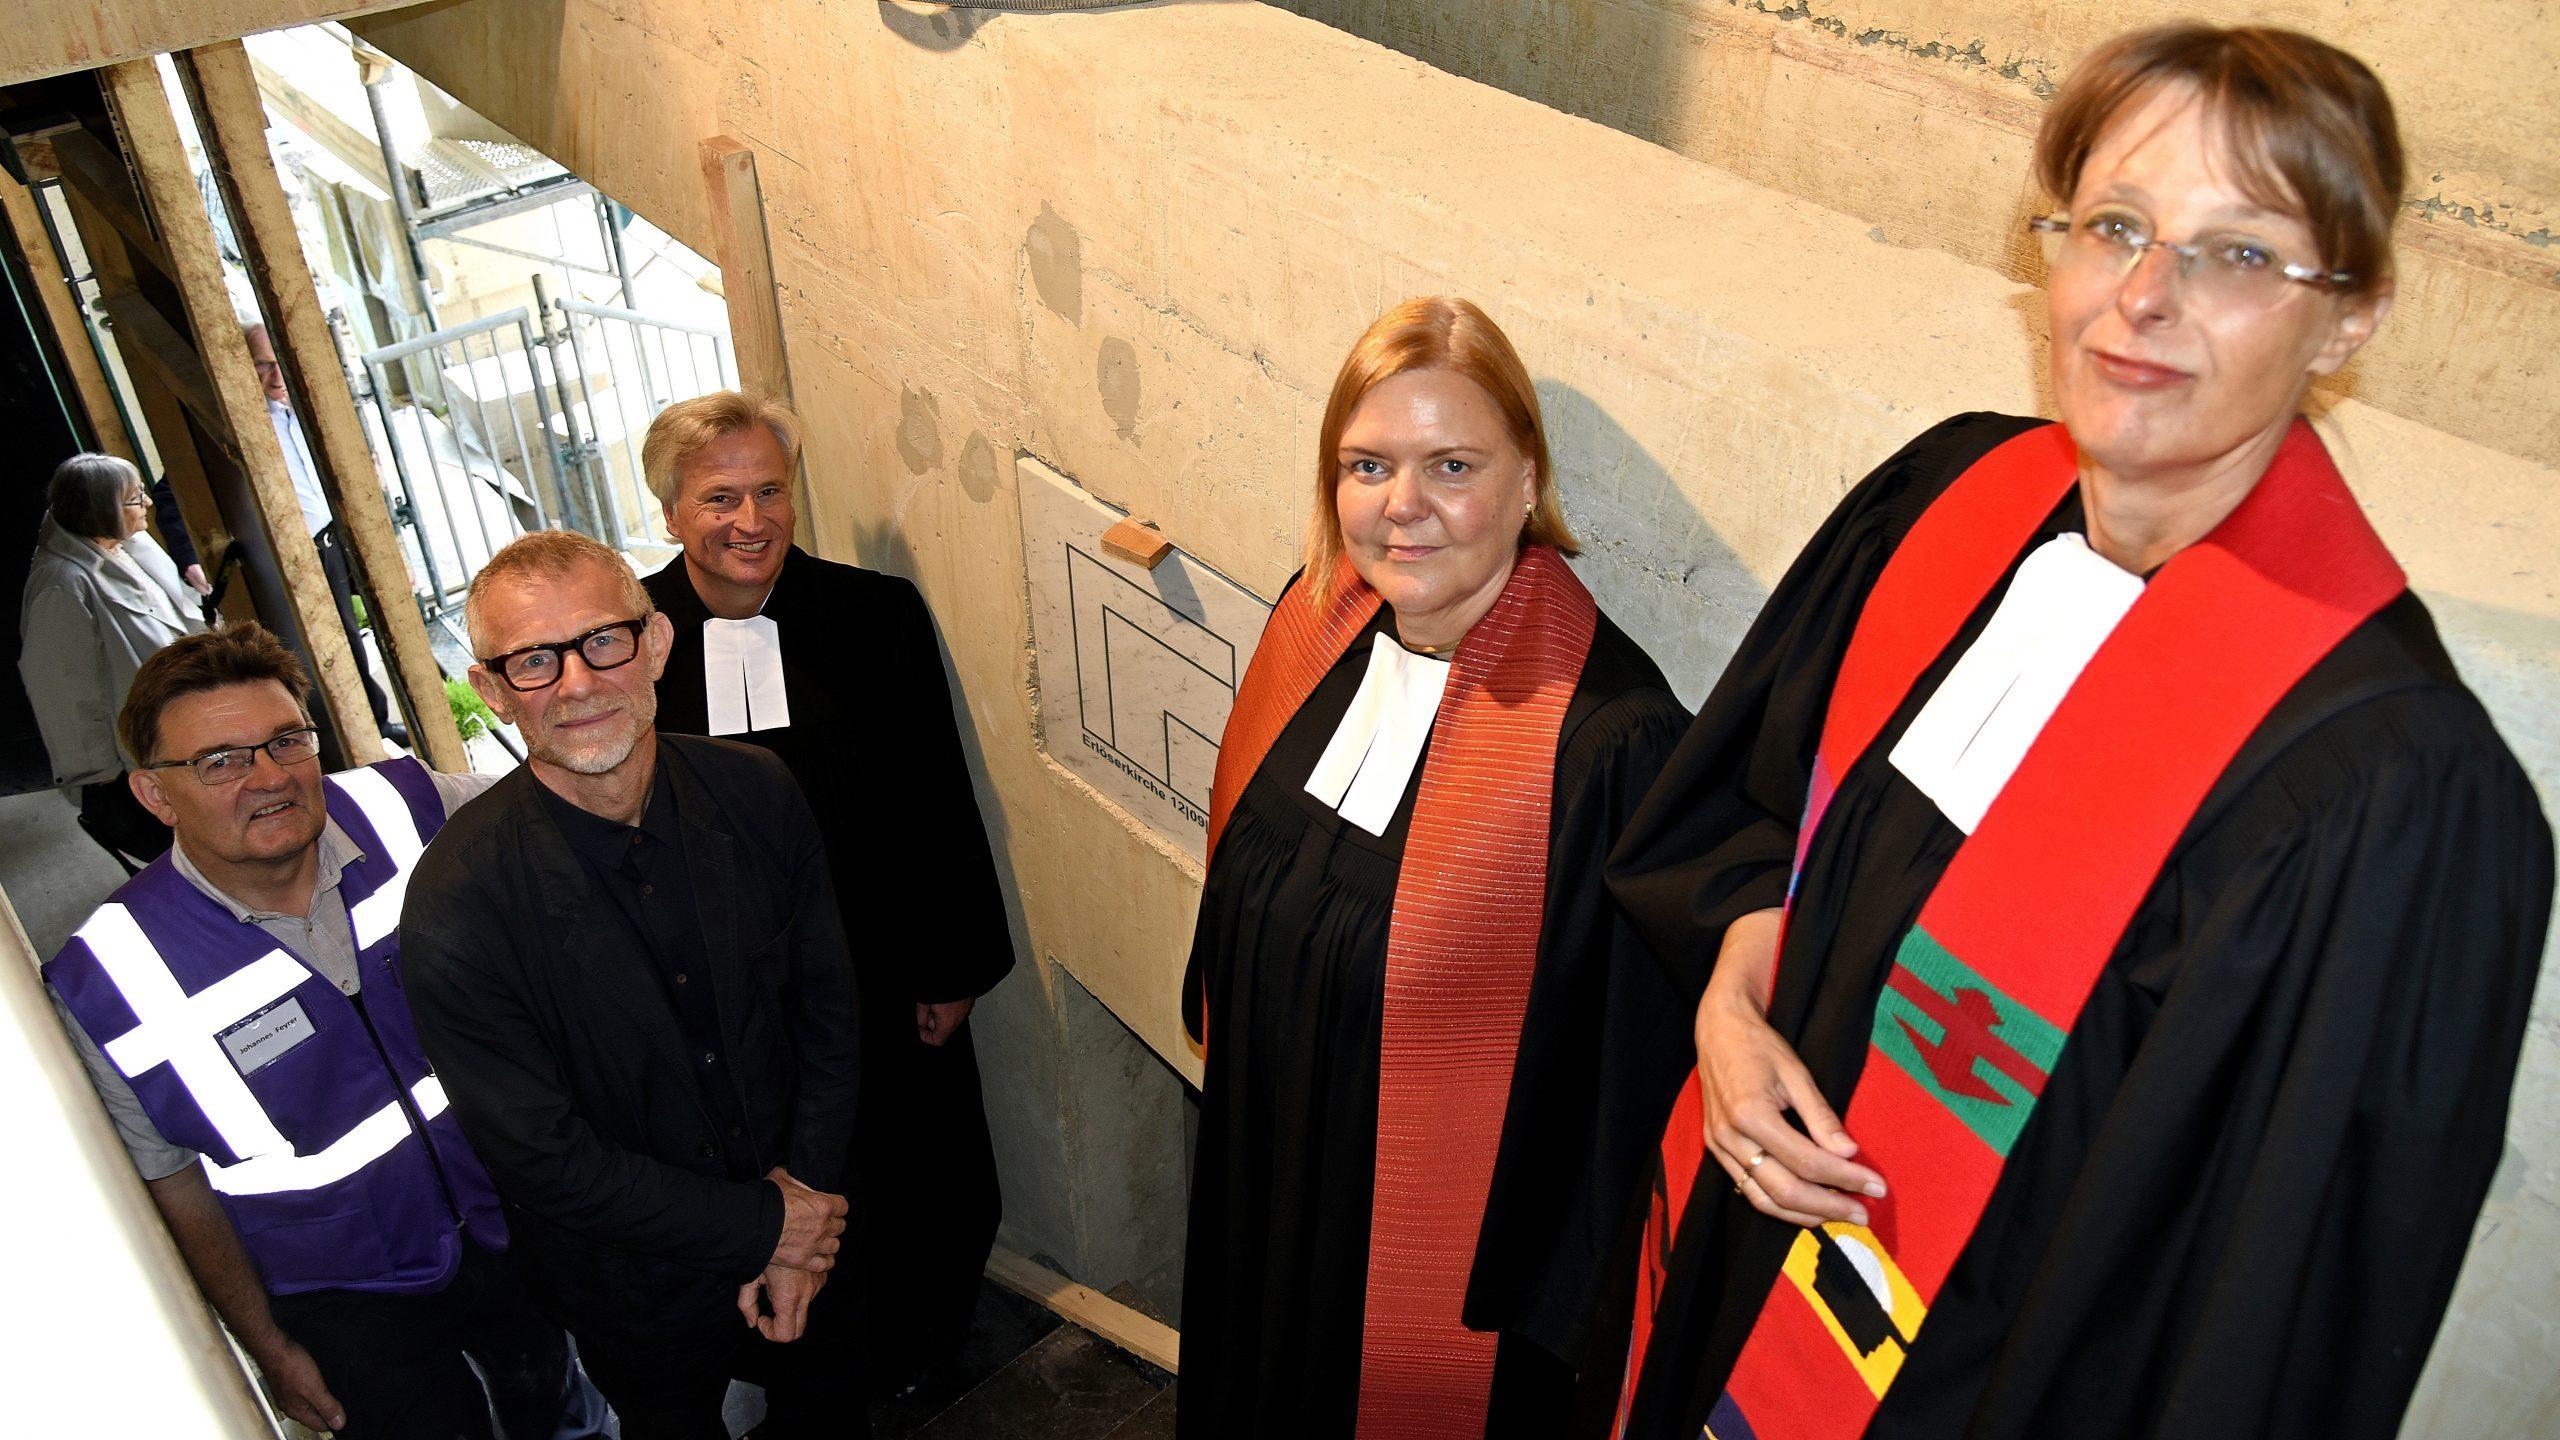 Kirchengemeinde Mauenheim-Weidenpesch feiert Grundsteinlegung